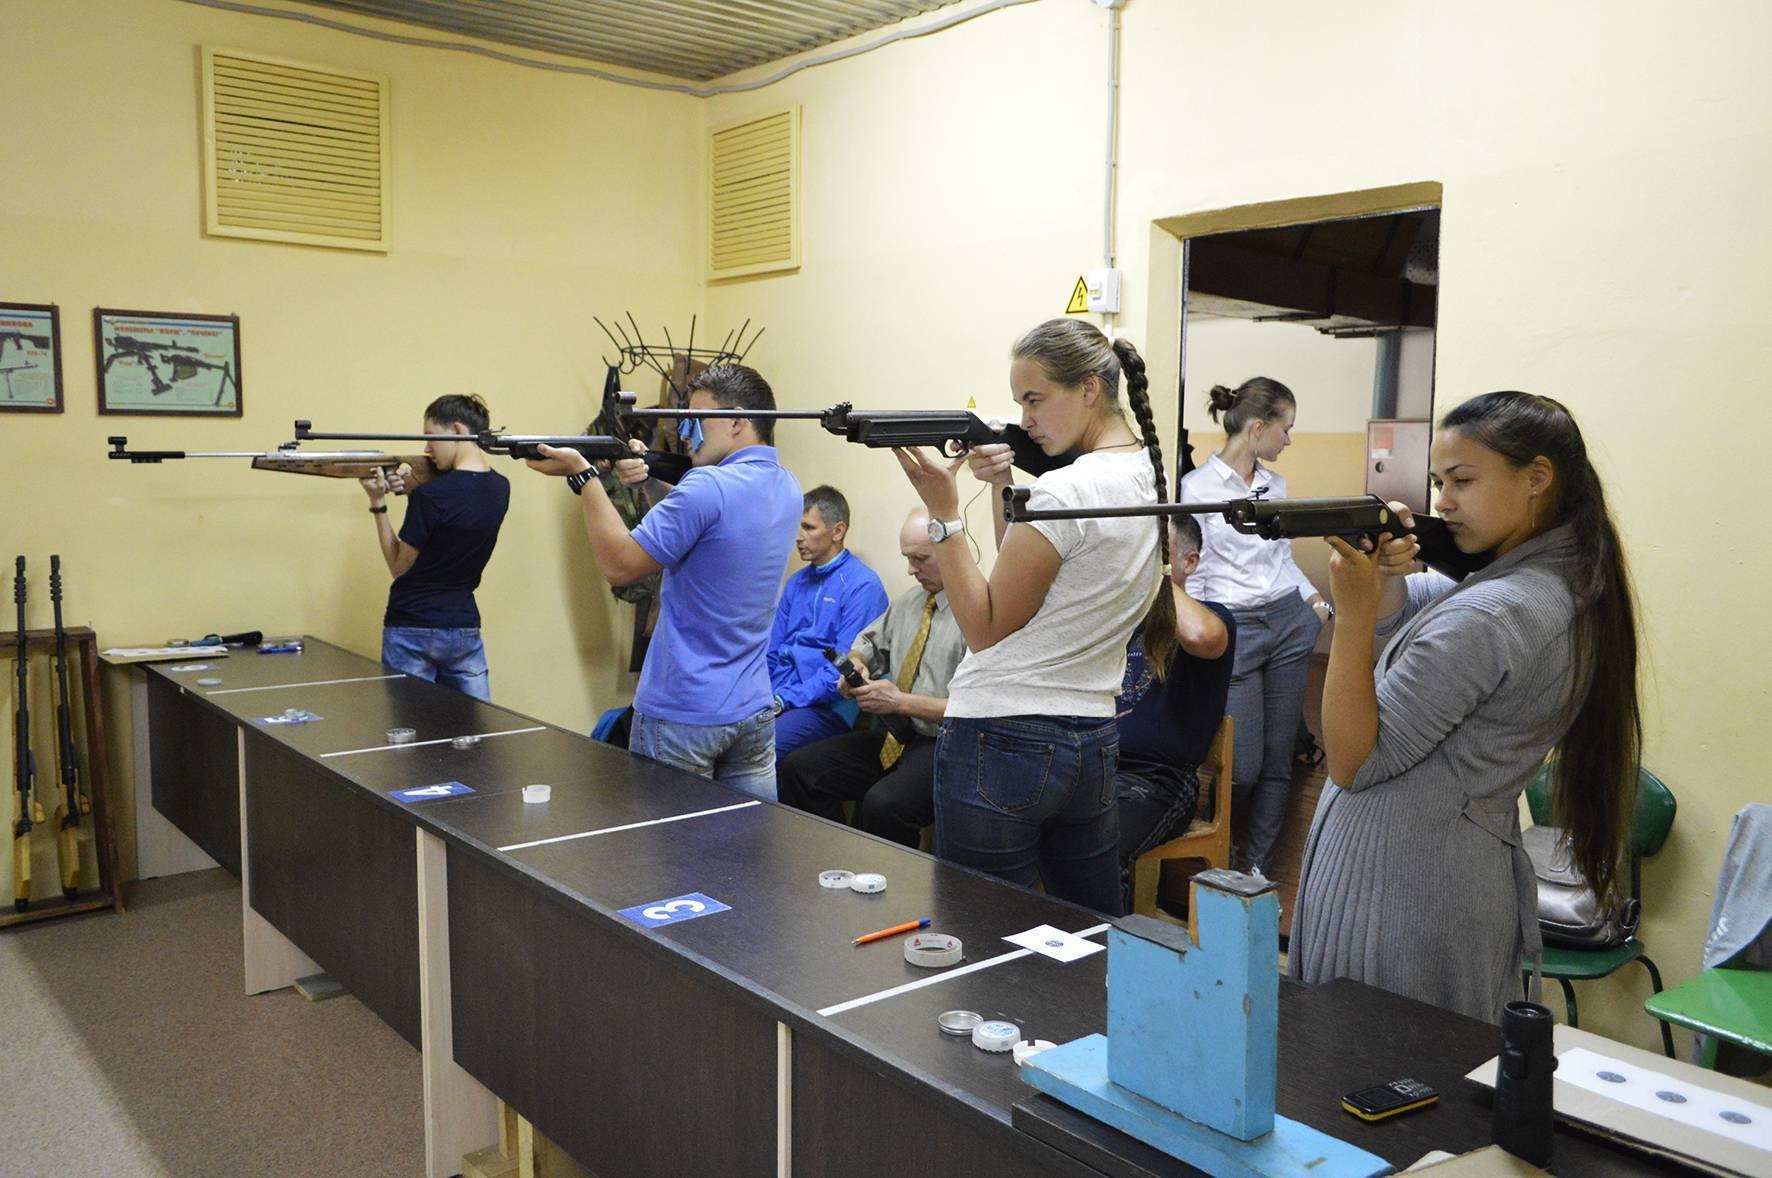 Пулевая стрельба  в москве. секции, спортивные школы и клубы по занятию пулевой стрельбой  в москве